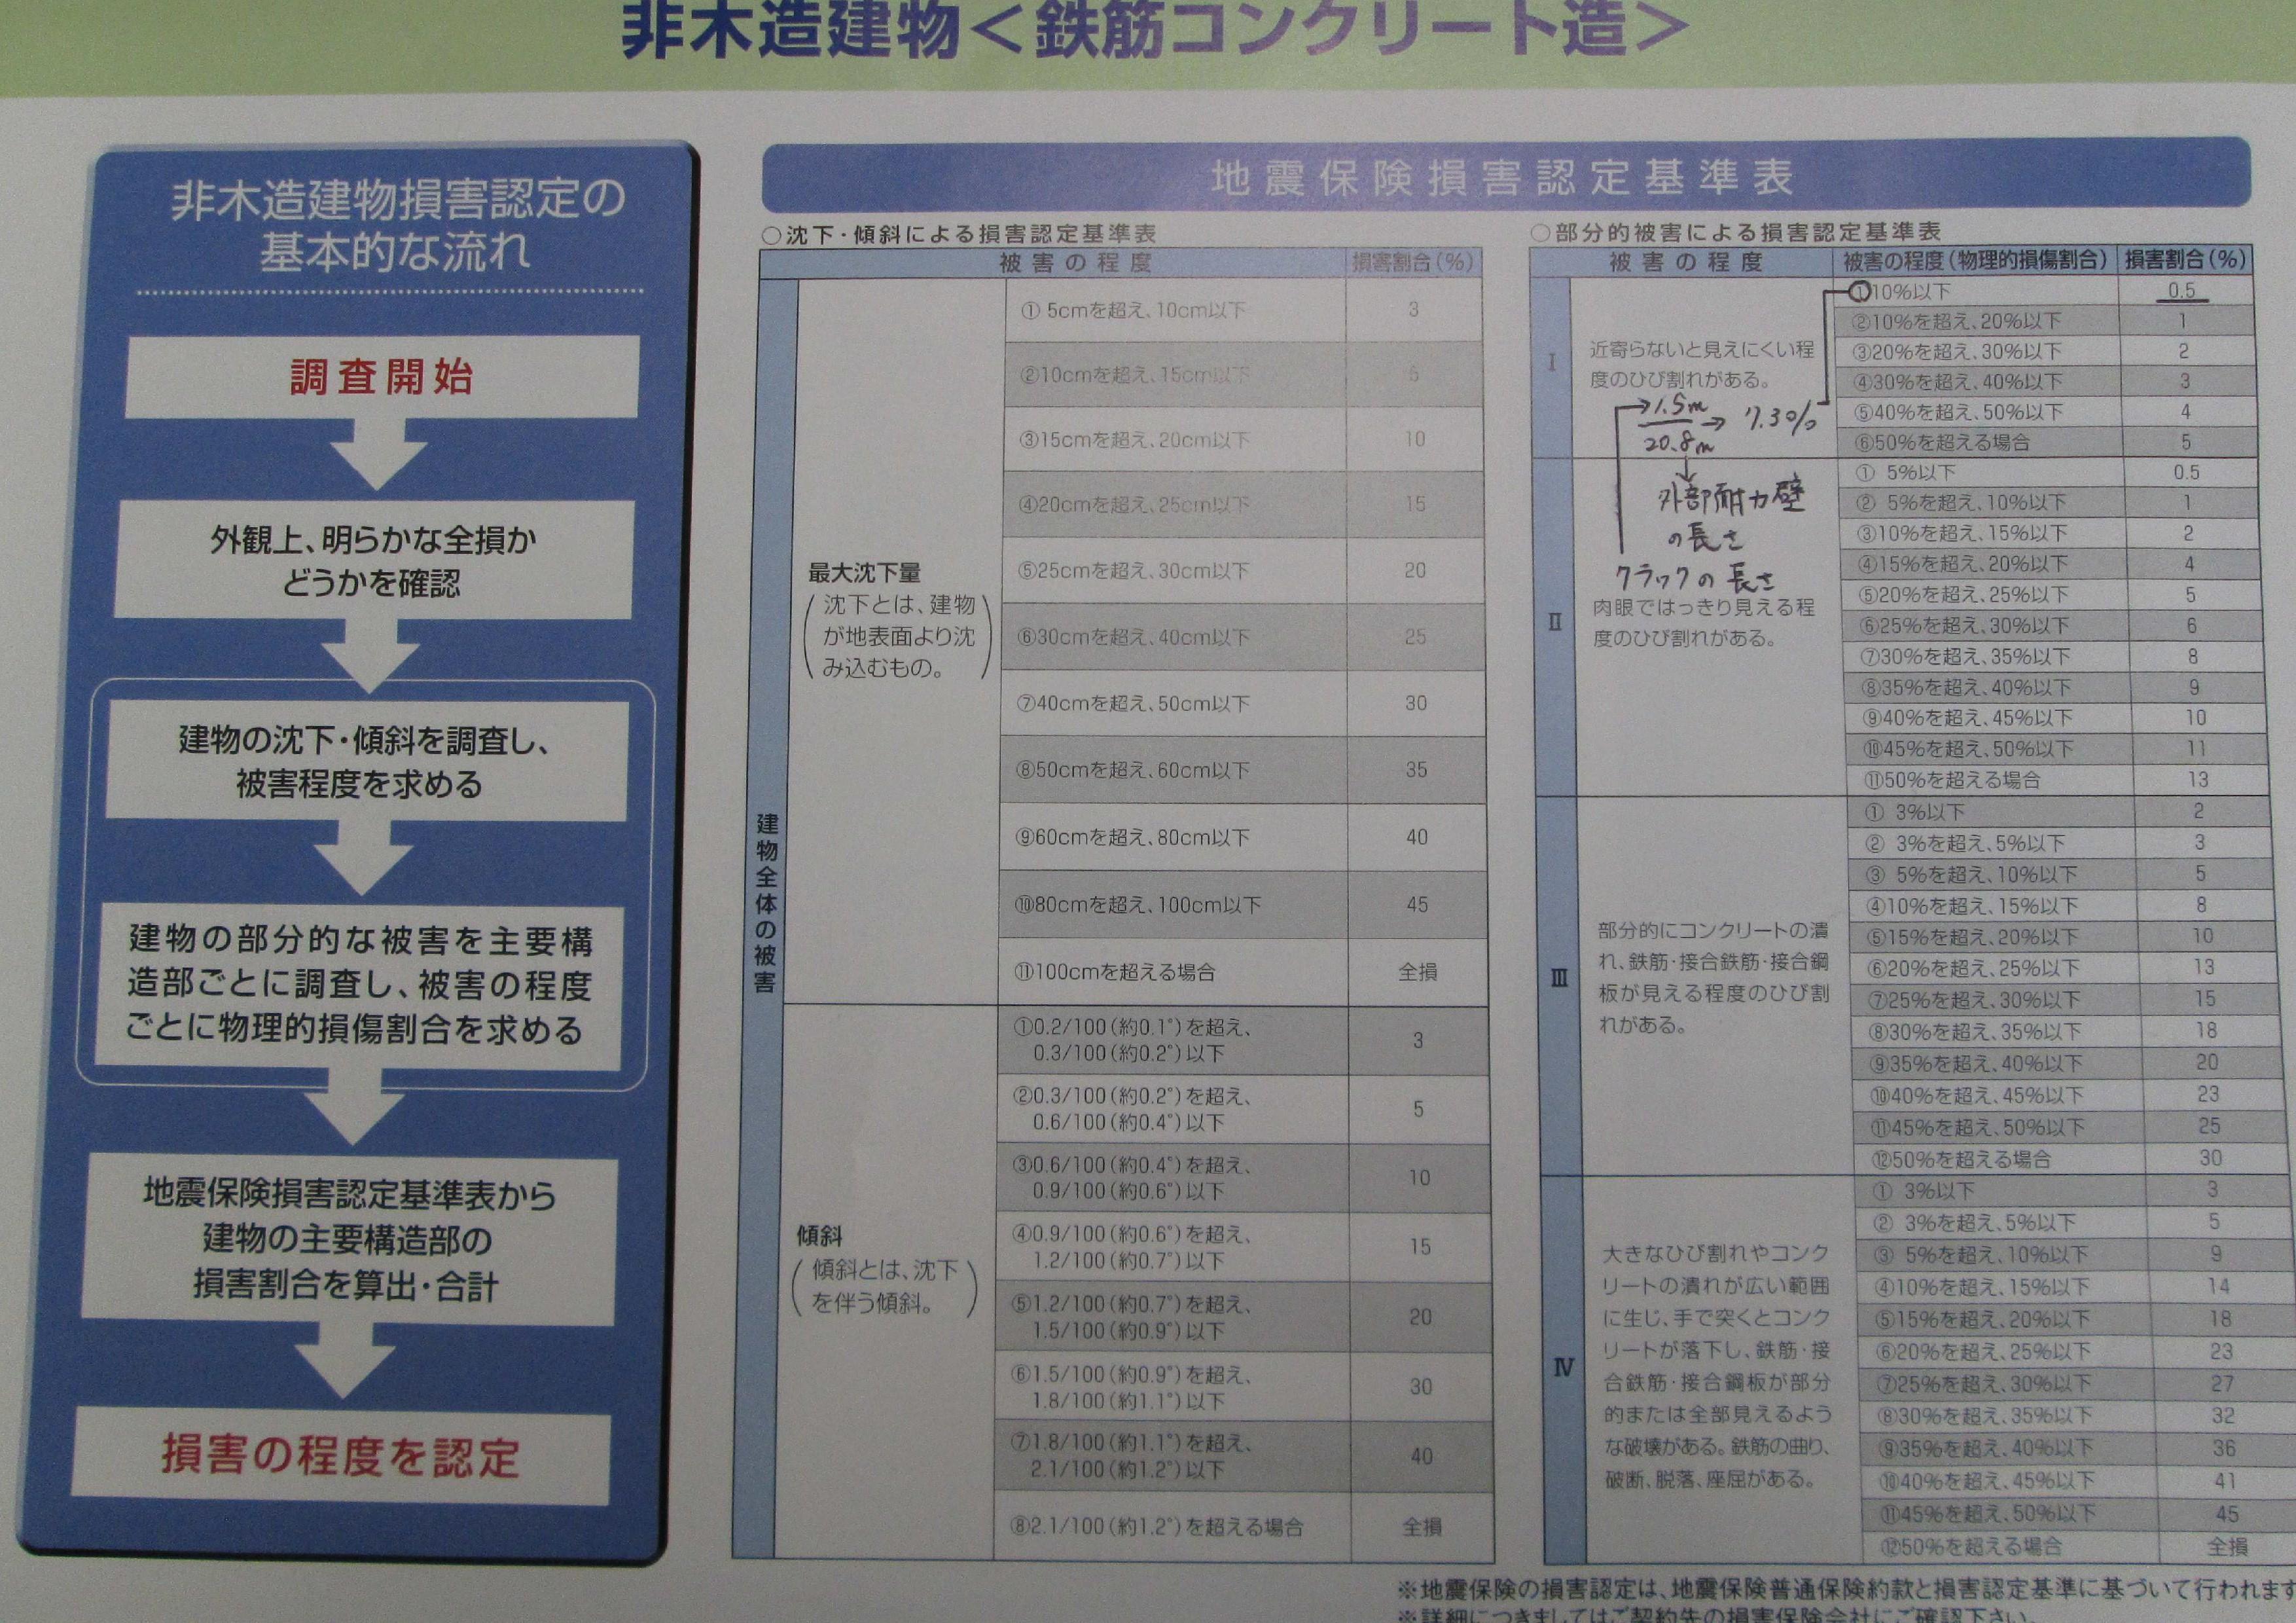 地震被害 計算表